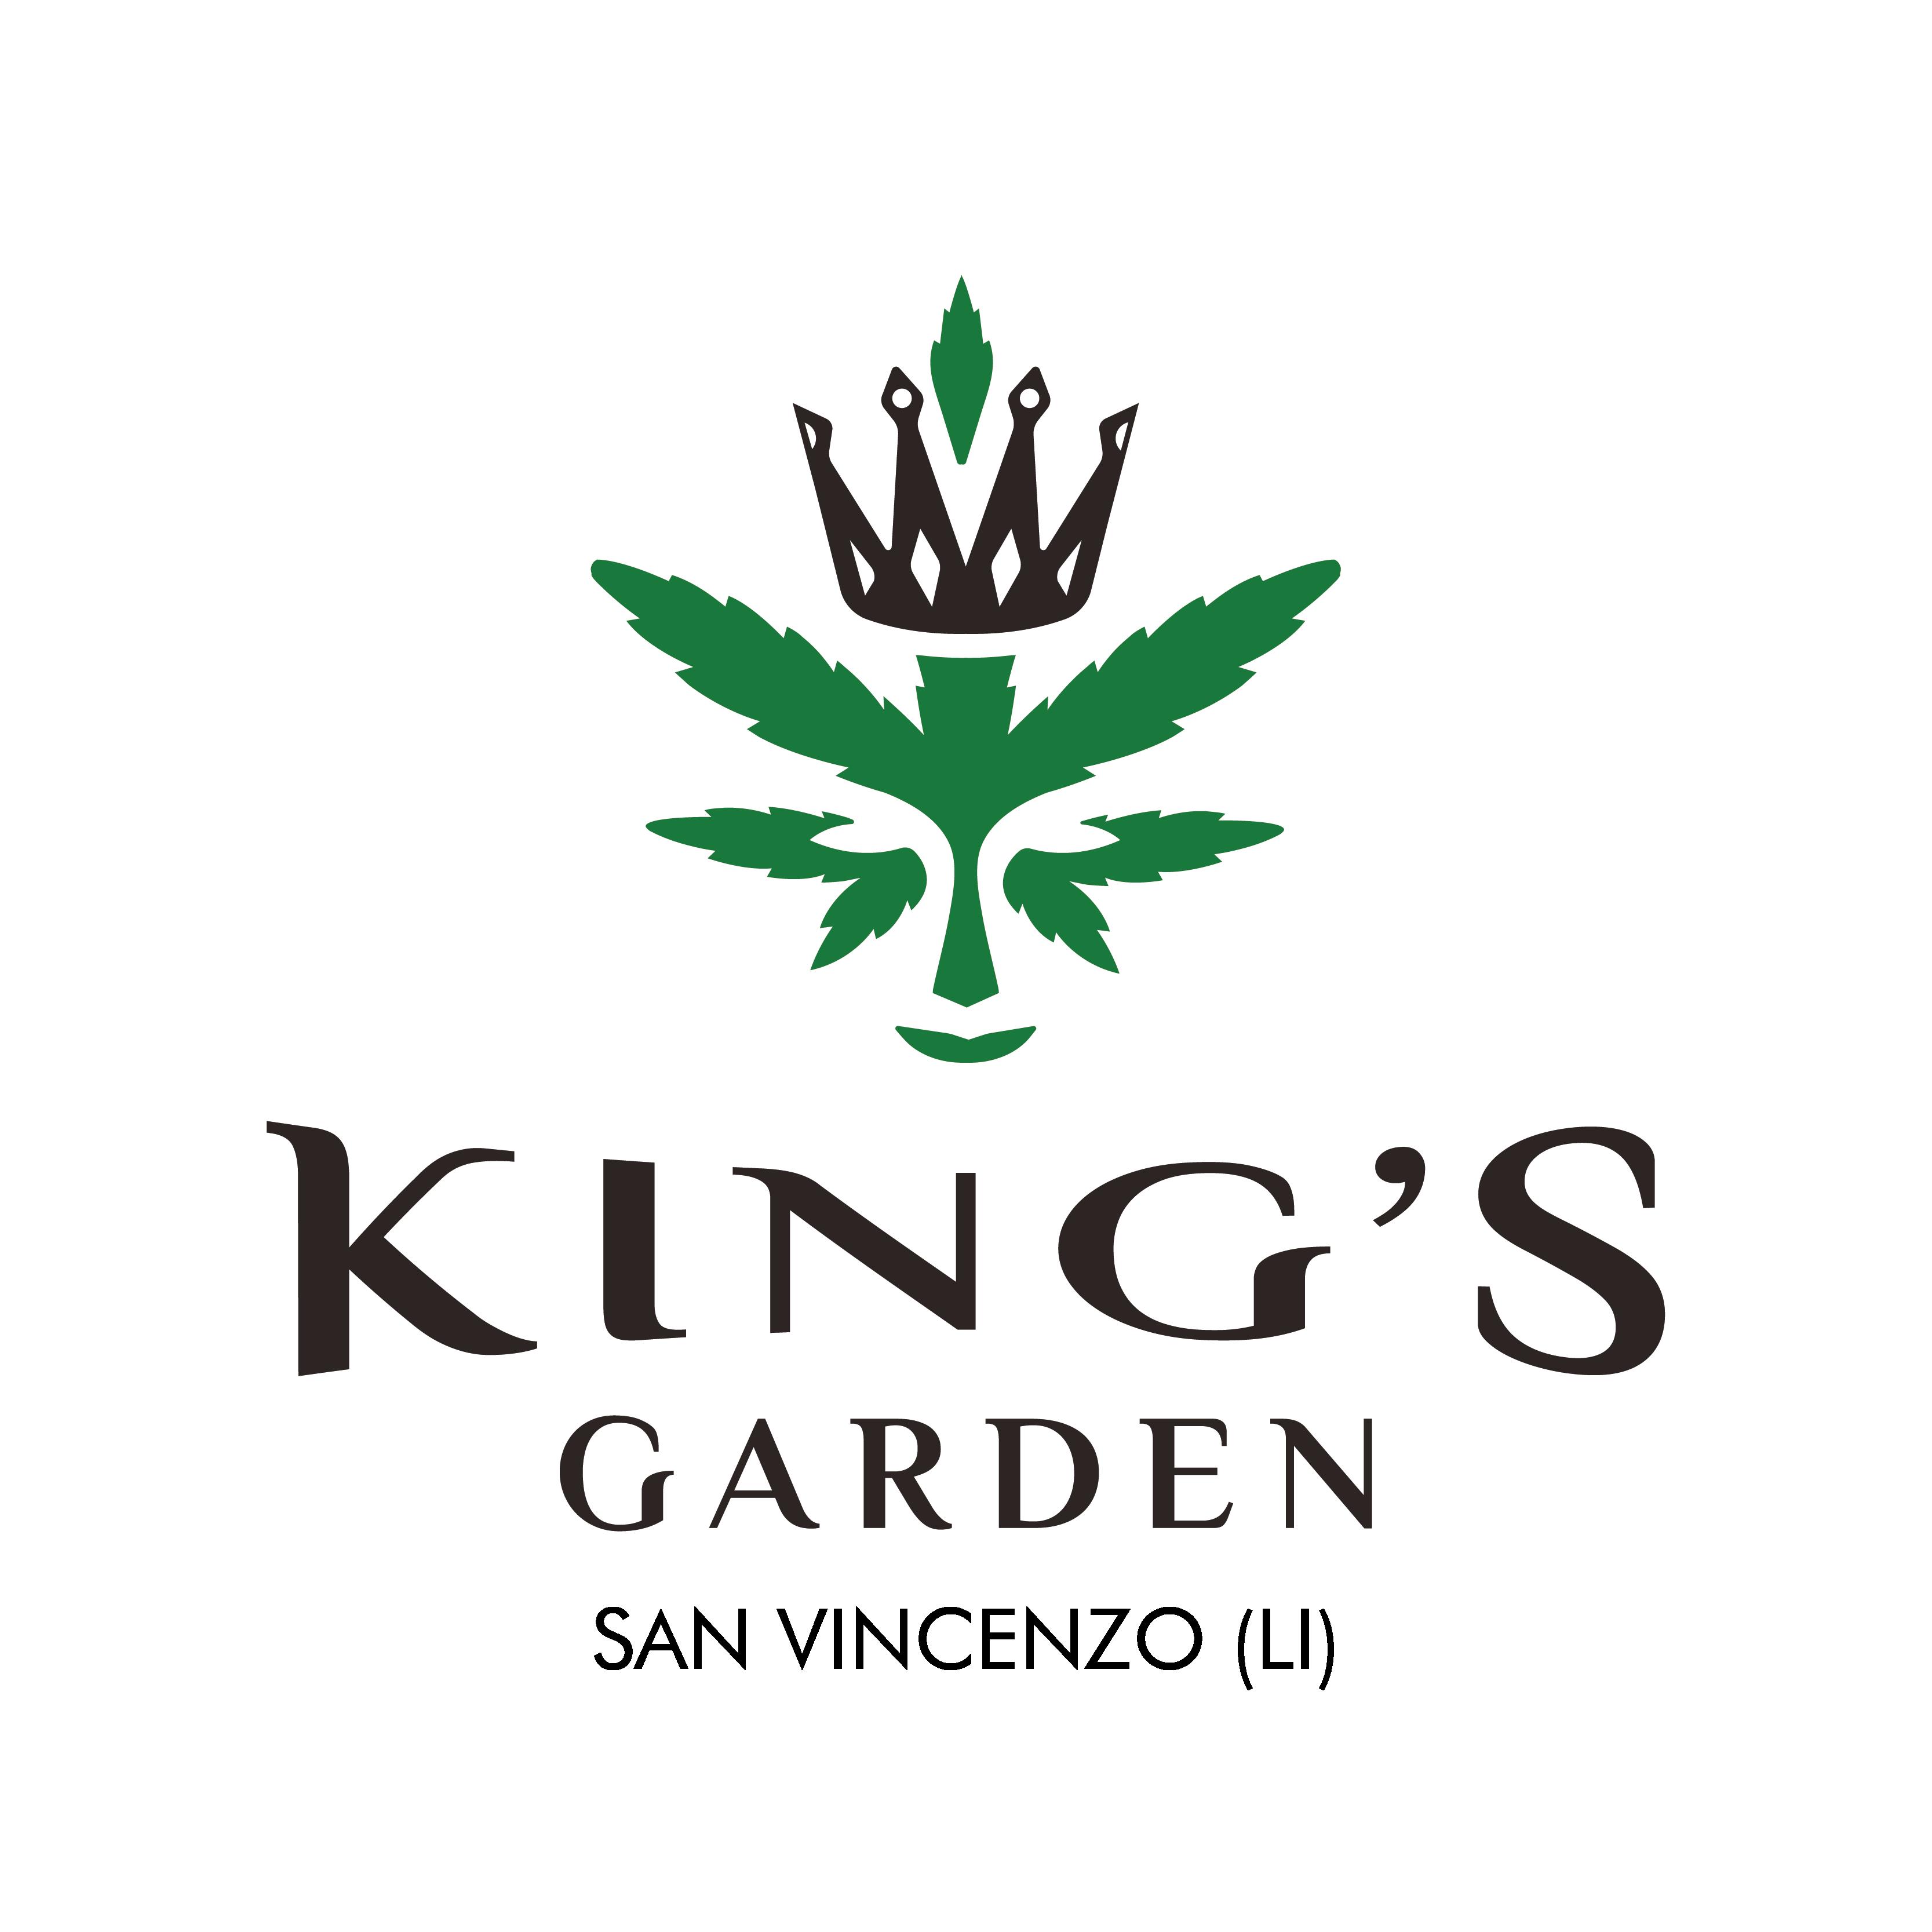 King's Garden San Vincenzo (LI)